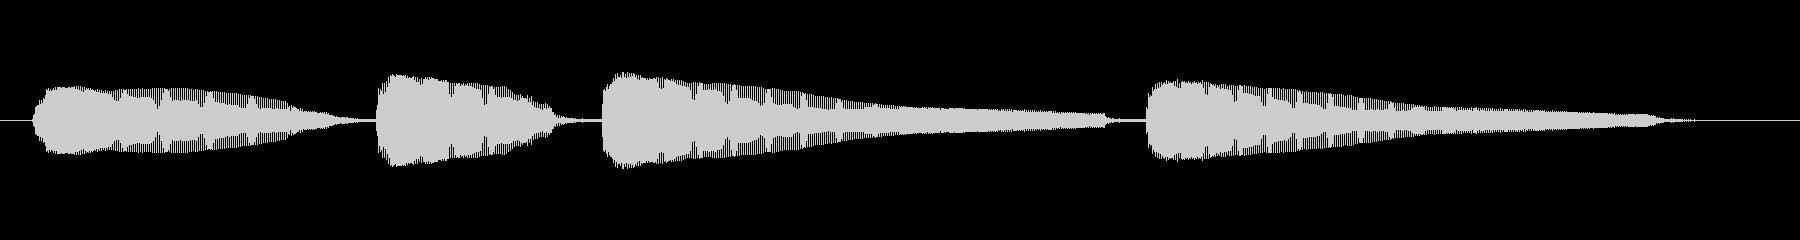 生音エレキギター3弦チューニング3の未再生の波形